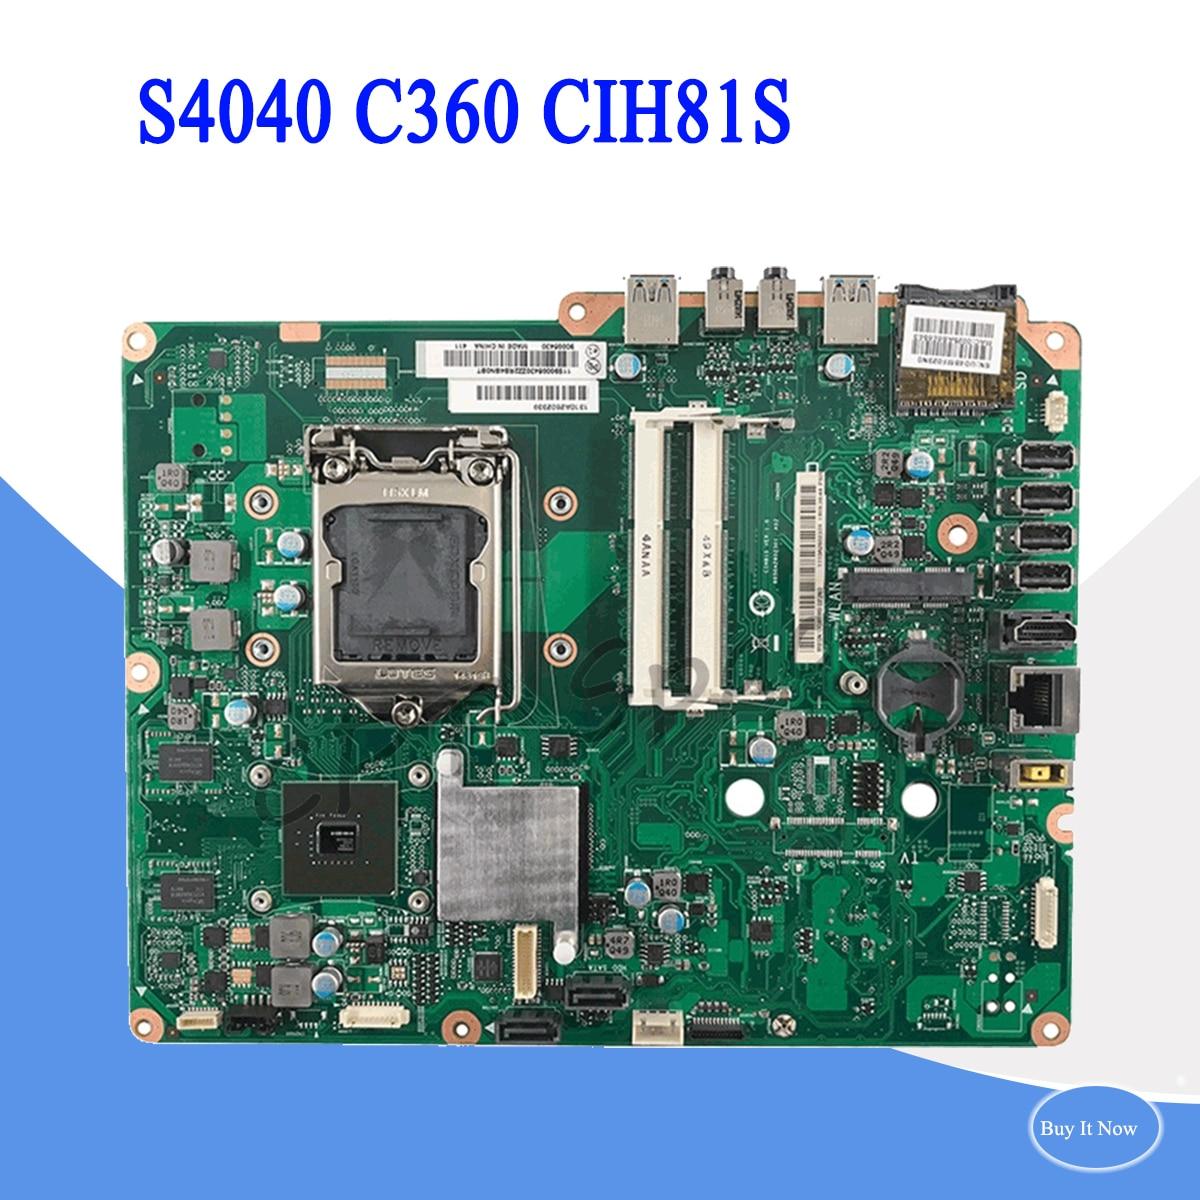 C360  motherboard for HP S4040 C360 CIH81S V1.0 Desktop motherboard Fully testedC360  motherboard for HP S4040 C360 CIH81S V1.0 Desktop motherboard Fully tested